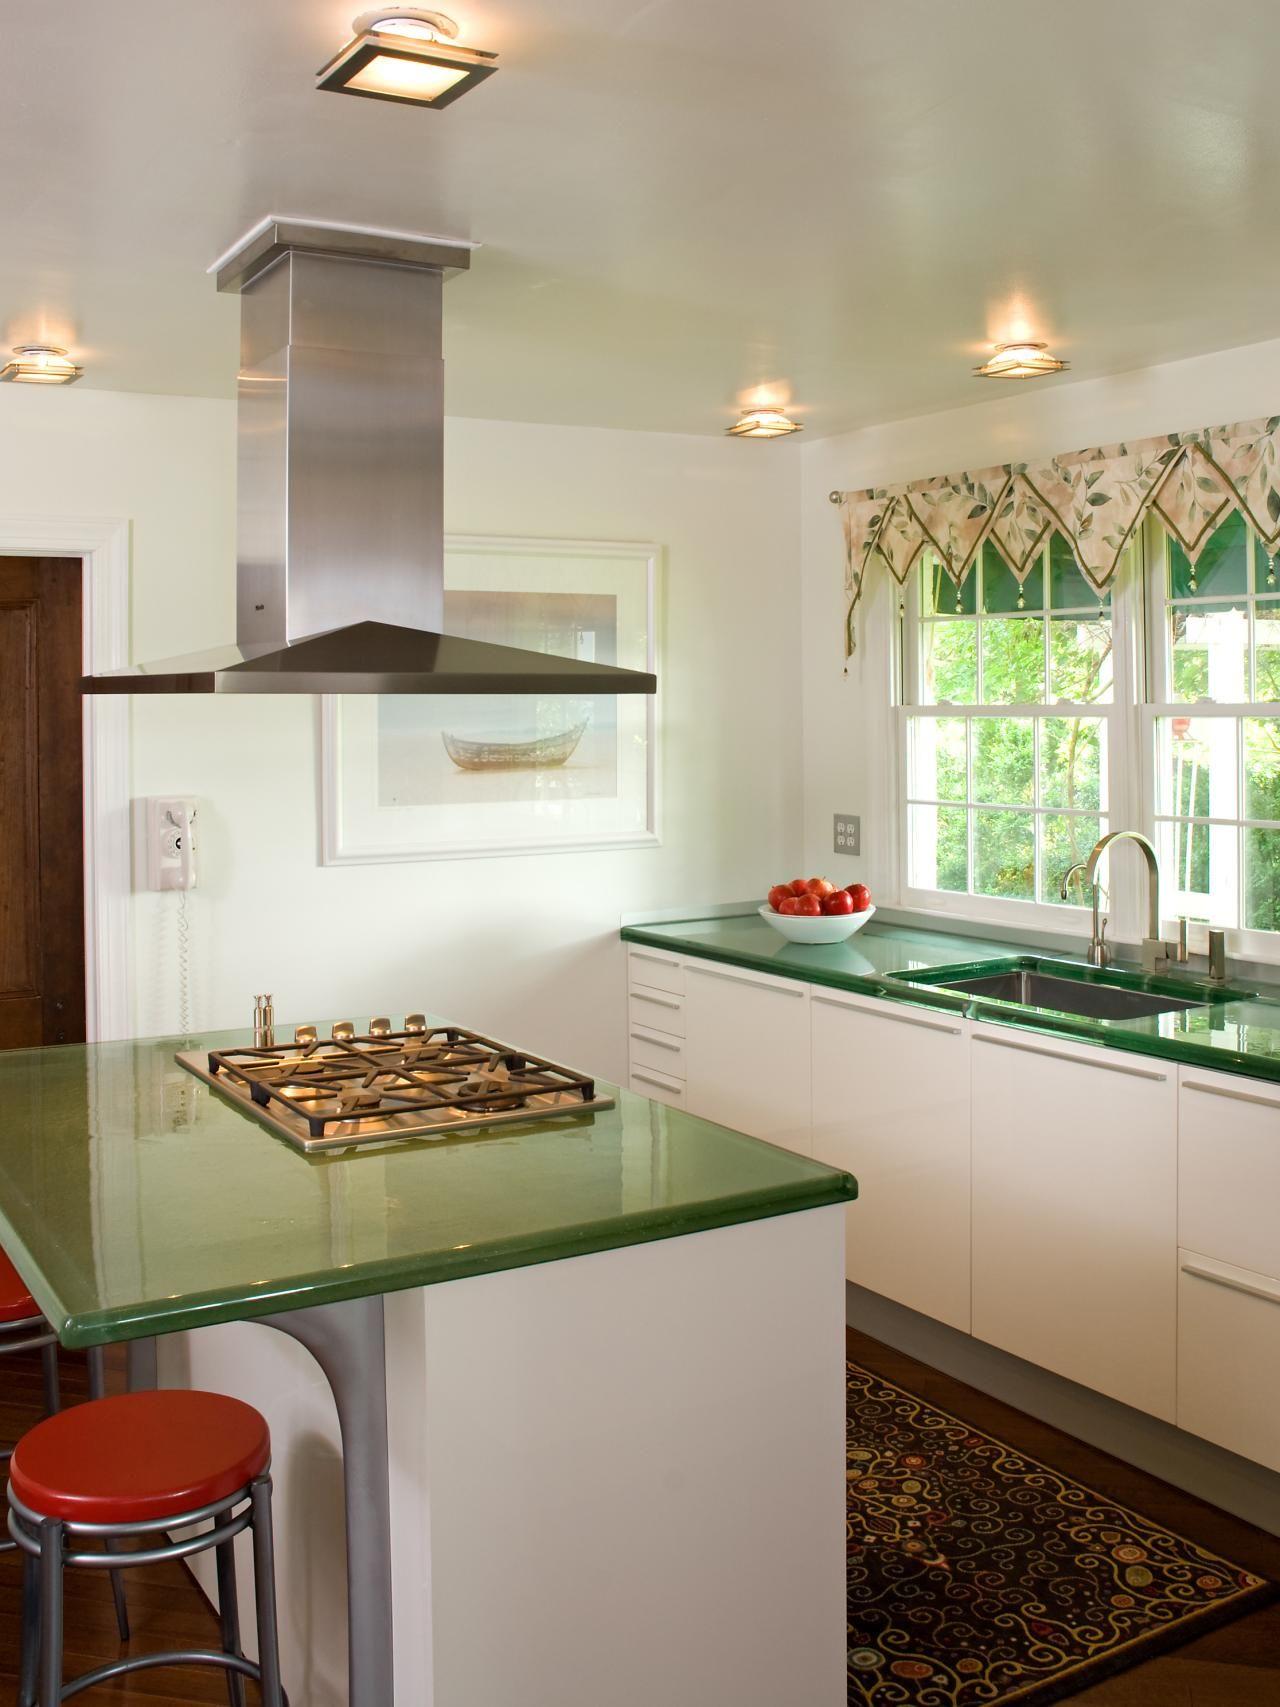 Glas Arbeitsplatte Kuche Mit Bildern Arbeitsplatte Kuche